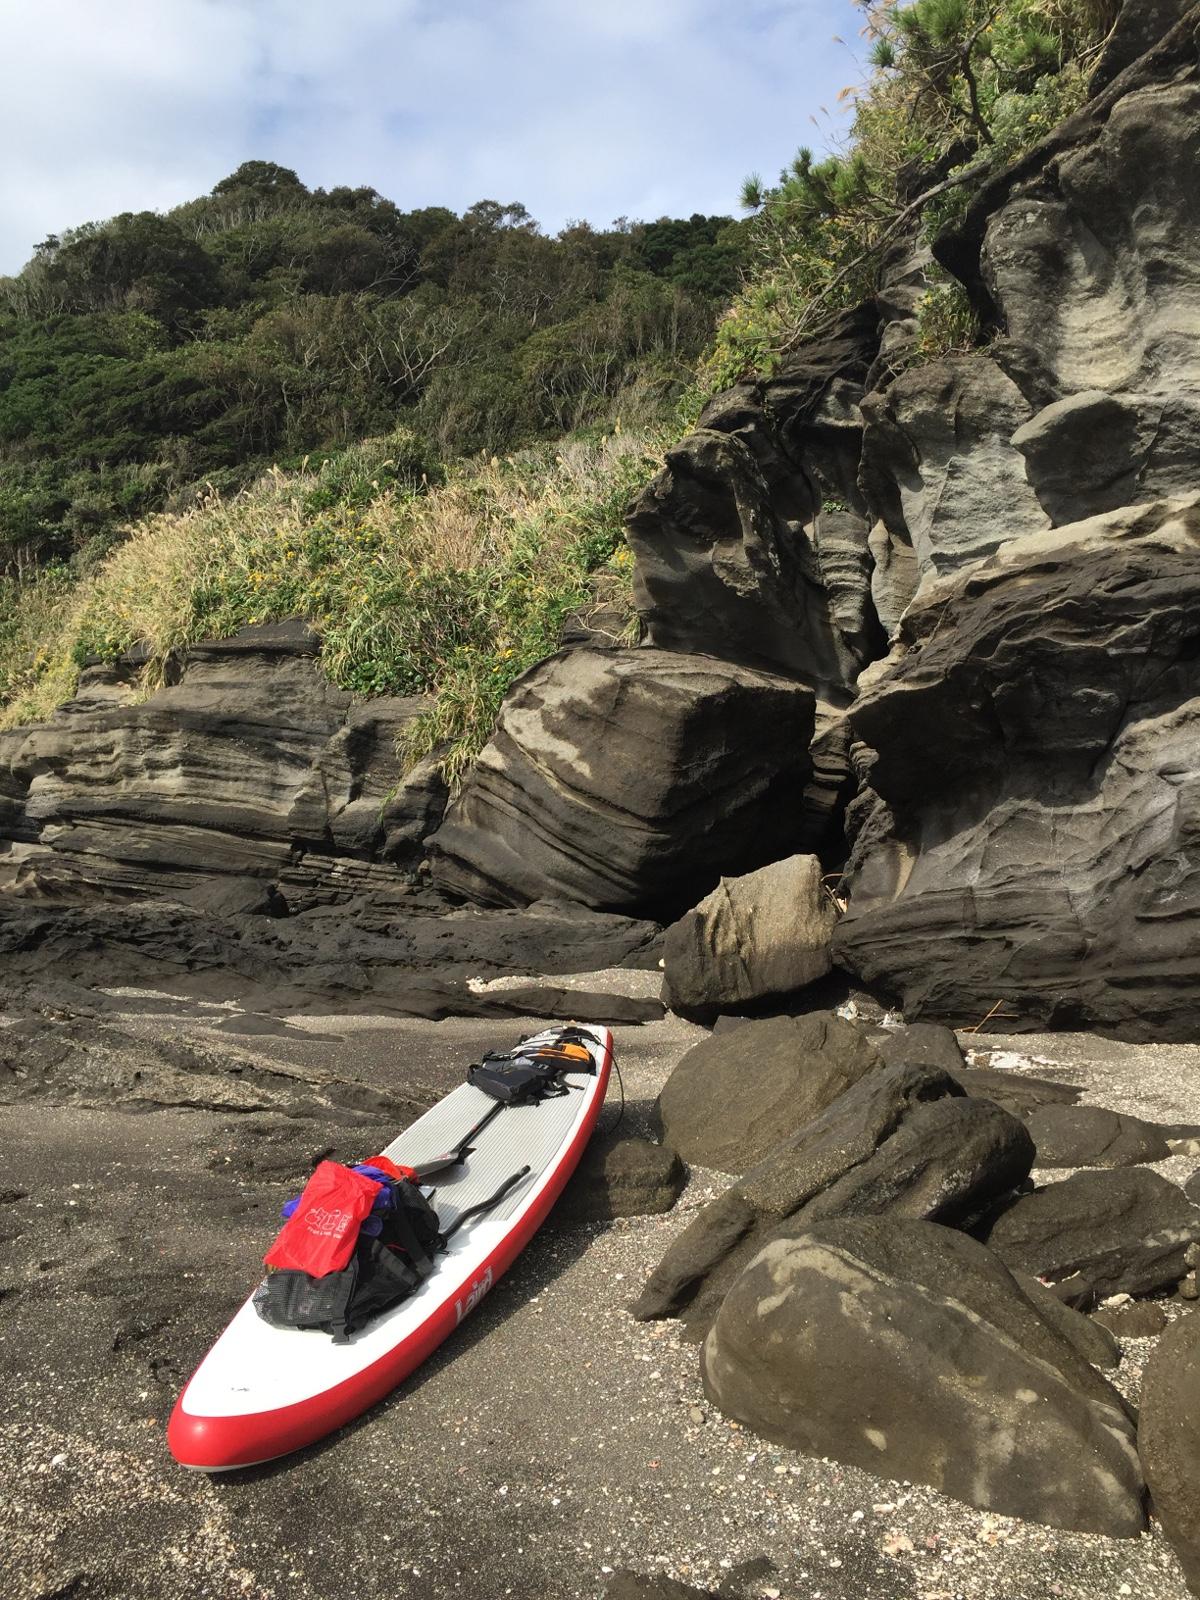 大房岬を回って、富浦方面に抜けようと試みるも、風が強くそれどころではない。仕方がないので、手前の小さな砂浜に上陸し、ゆっくり食事をすることに決定。